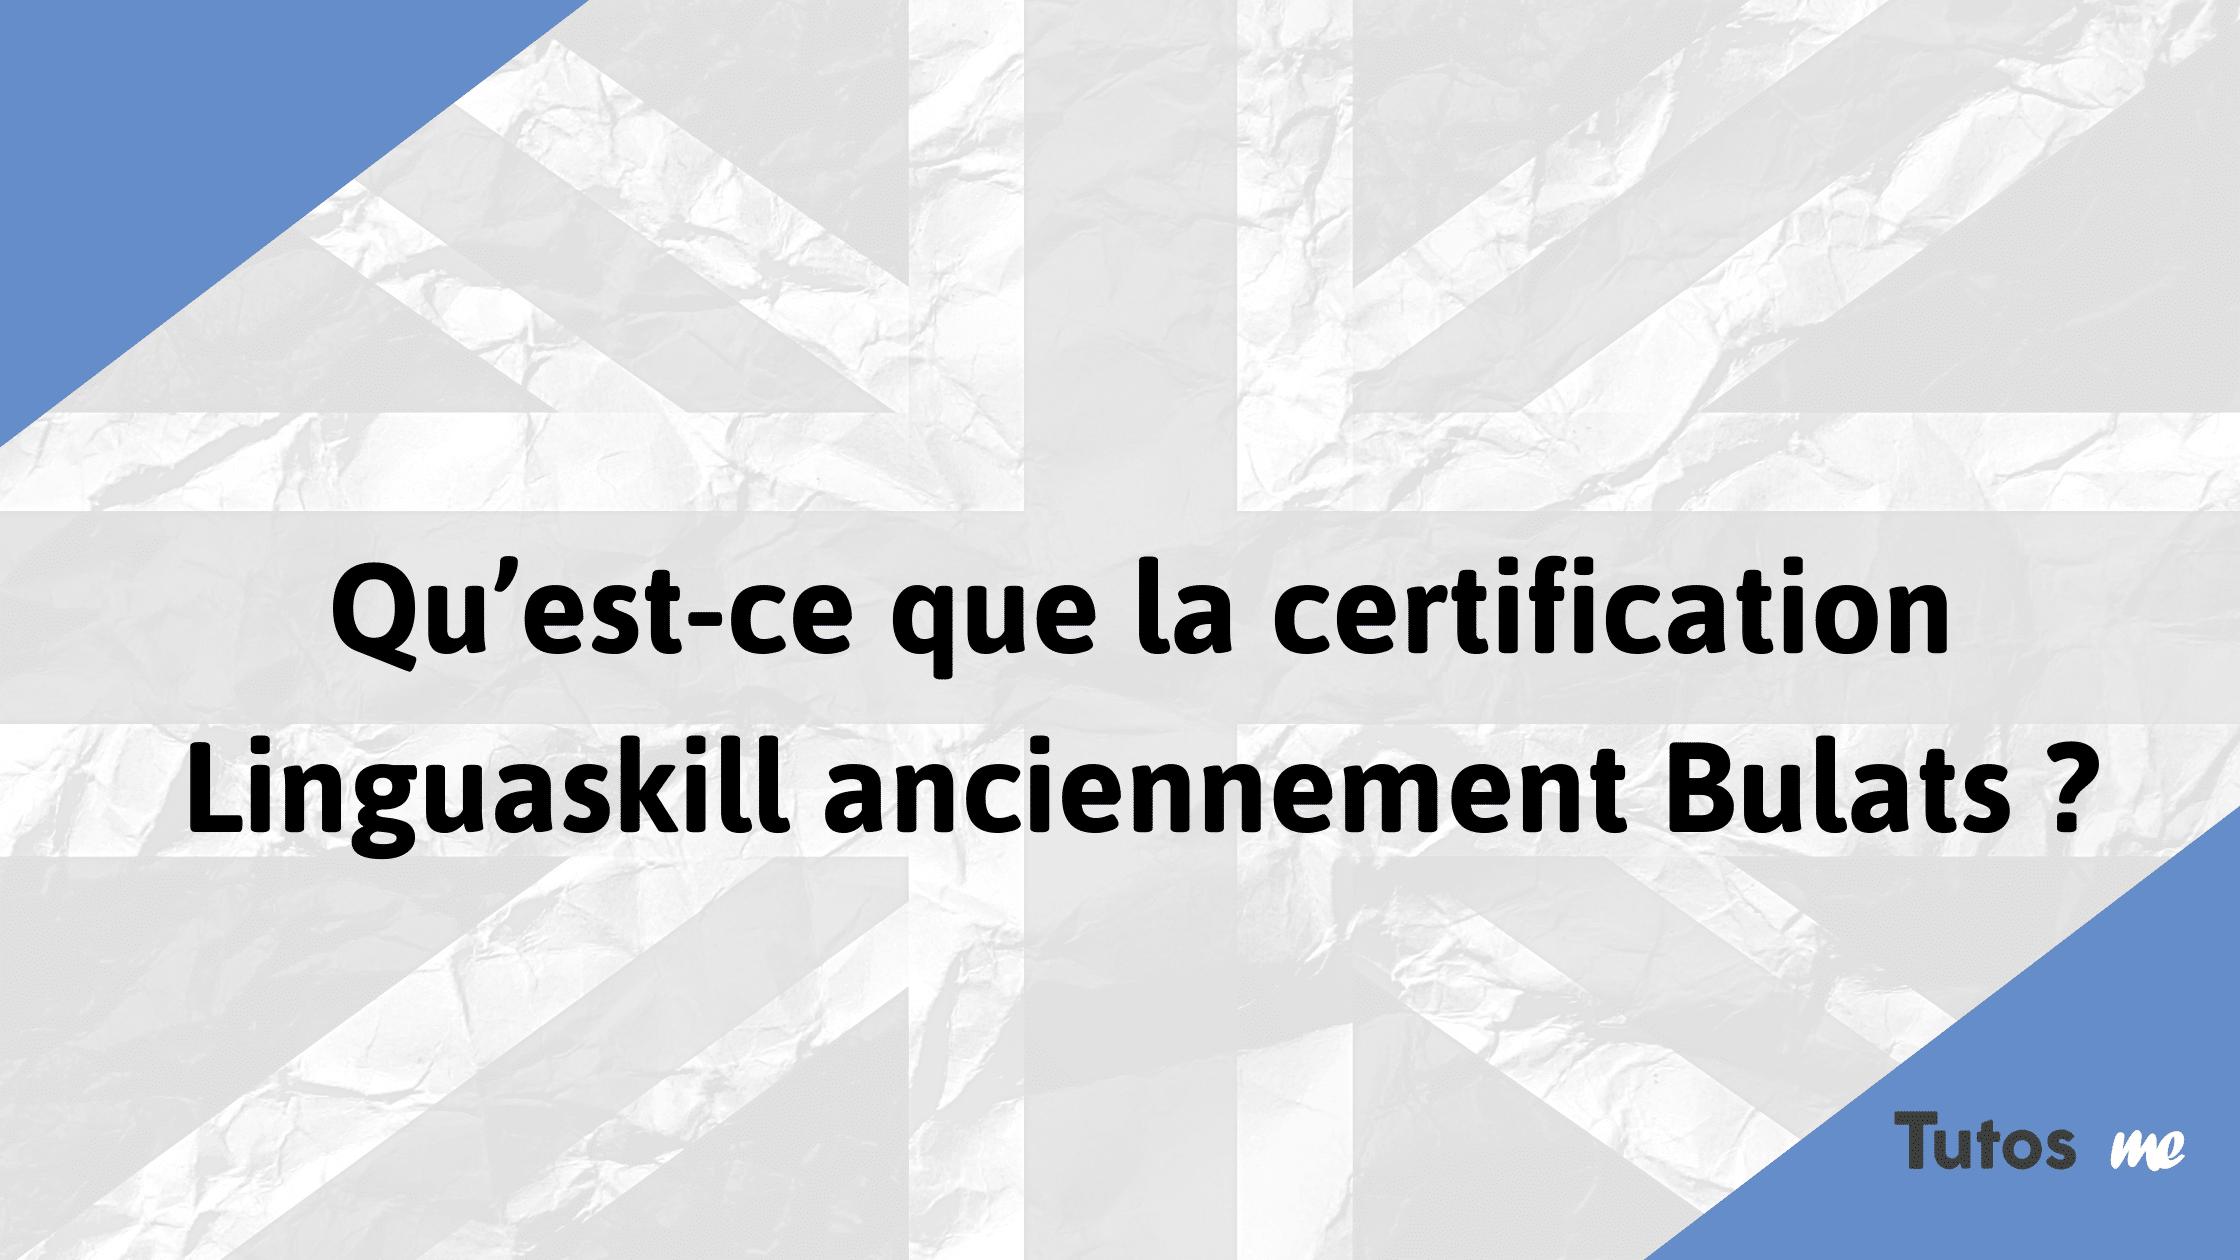 Qu'est-ce que la certification Linguaskill anciennement Bulats